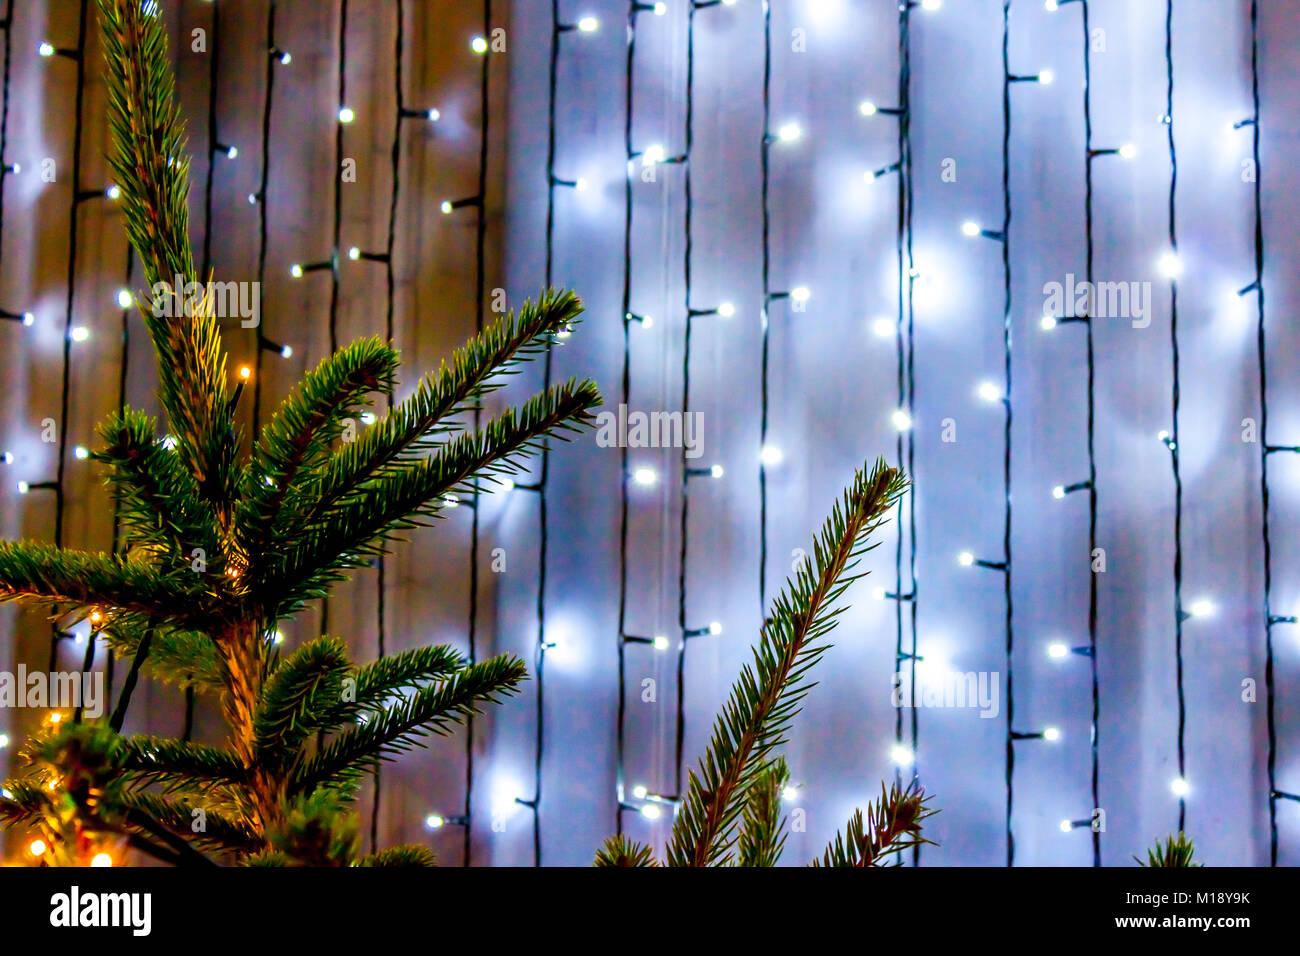 Wunderbar Mini String Leuchtet Weißen Draht Zeitgenössisch ...